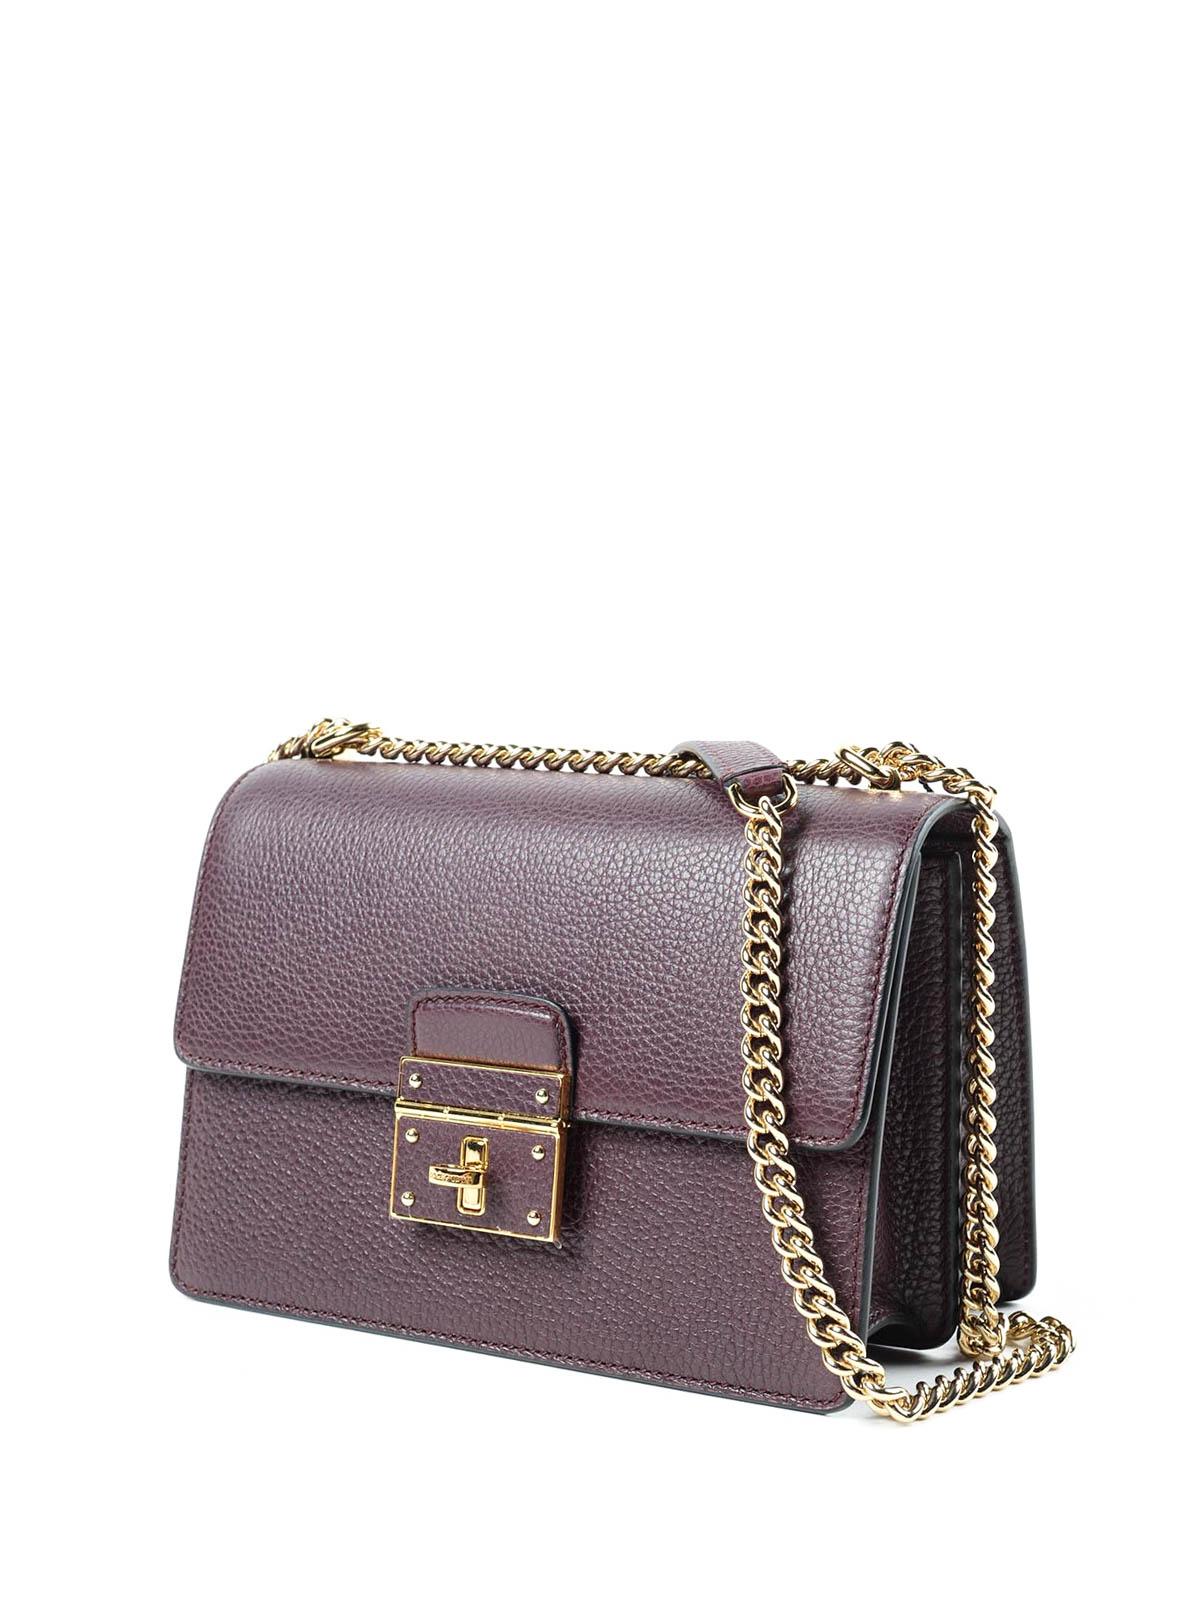 73512d0faf5c4 Dolce   Gabbana - Tracolla Rosalia - borse a spalla - BB6109AC176 80310